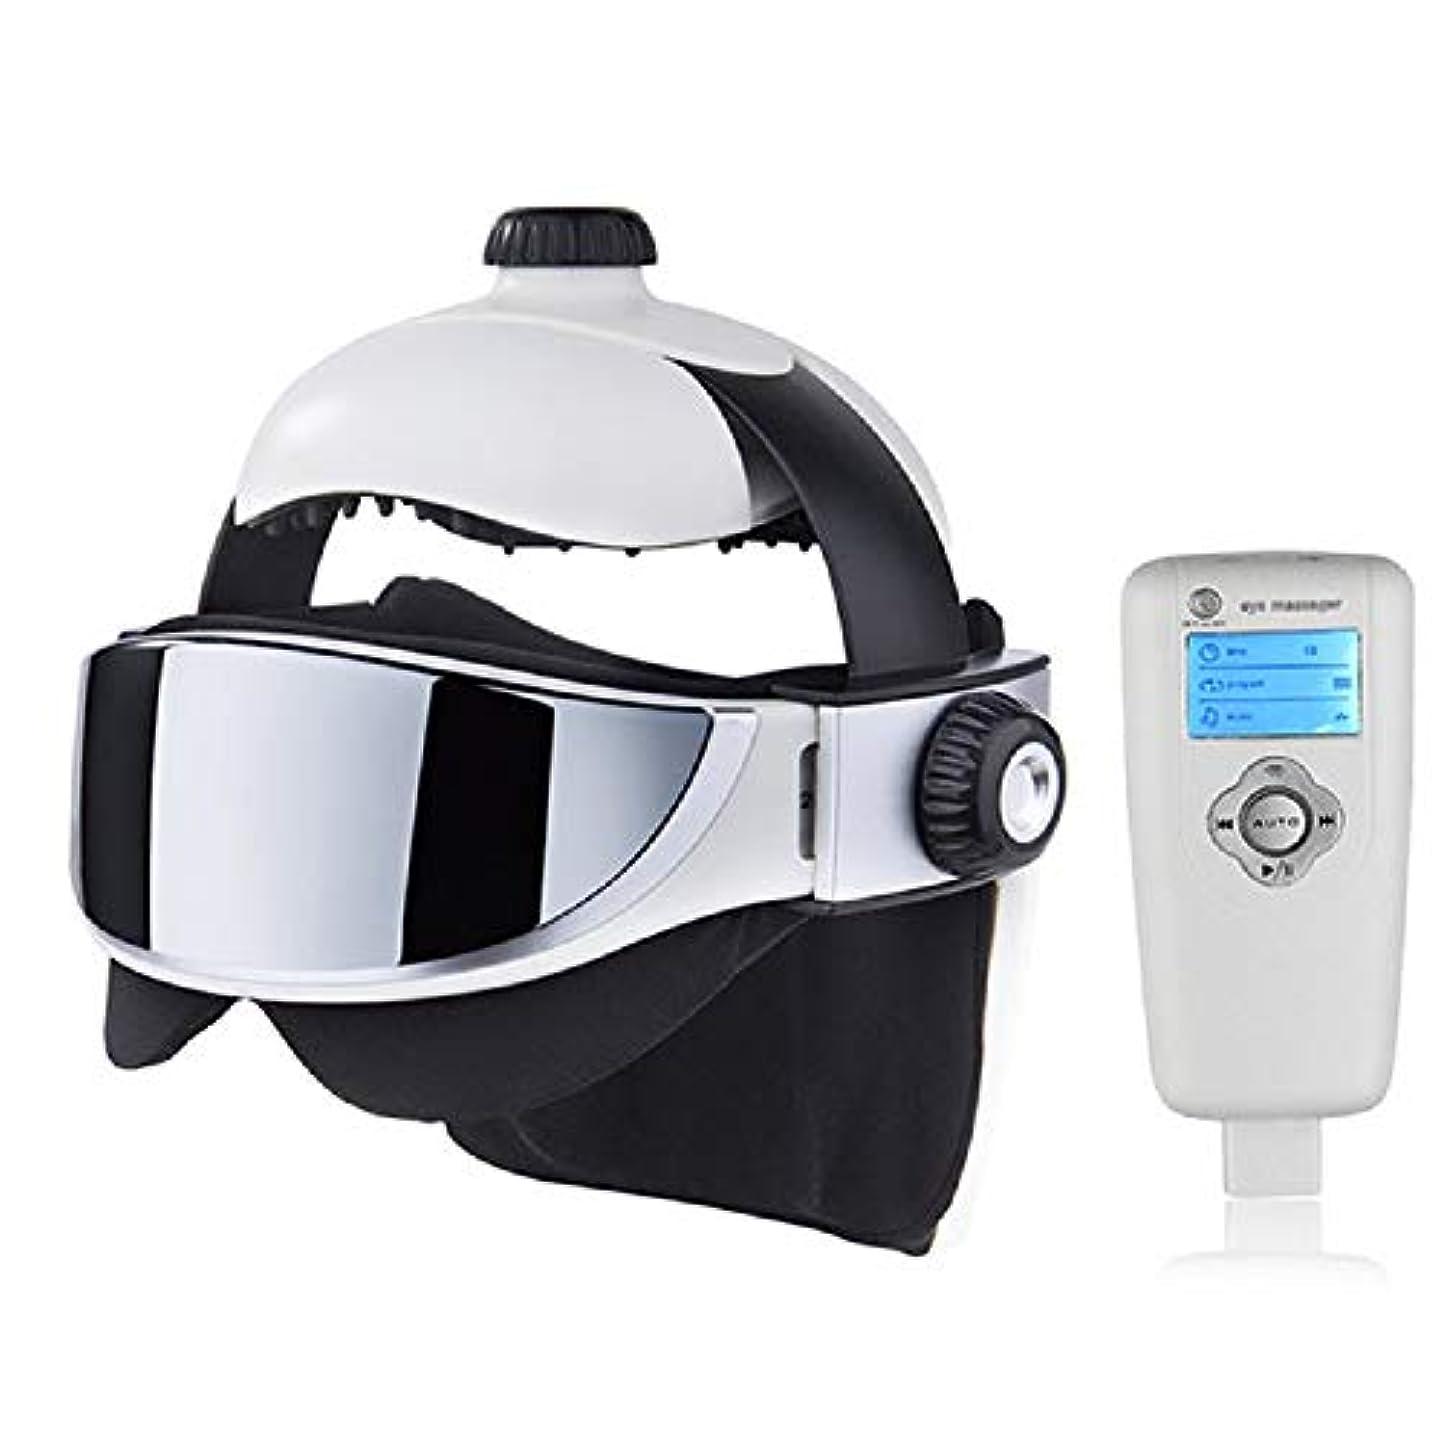 観察運営の面ではRuzzy 高度な圧子2イン1ヘッドマッサージ、アイマッサージ、高度な音楽マッサージヘルメットデザイン 購入へようこそ